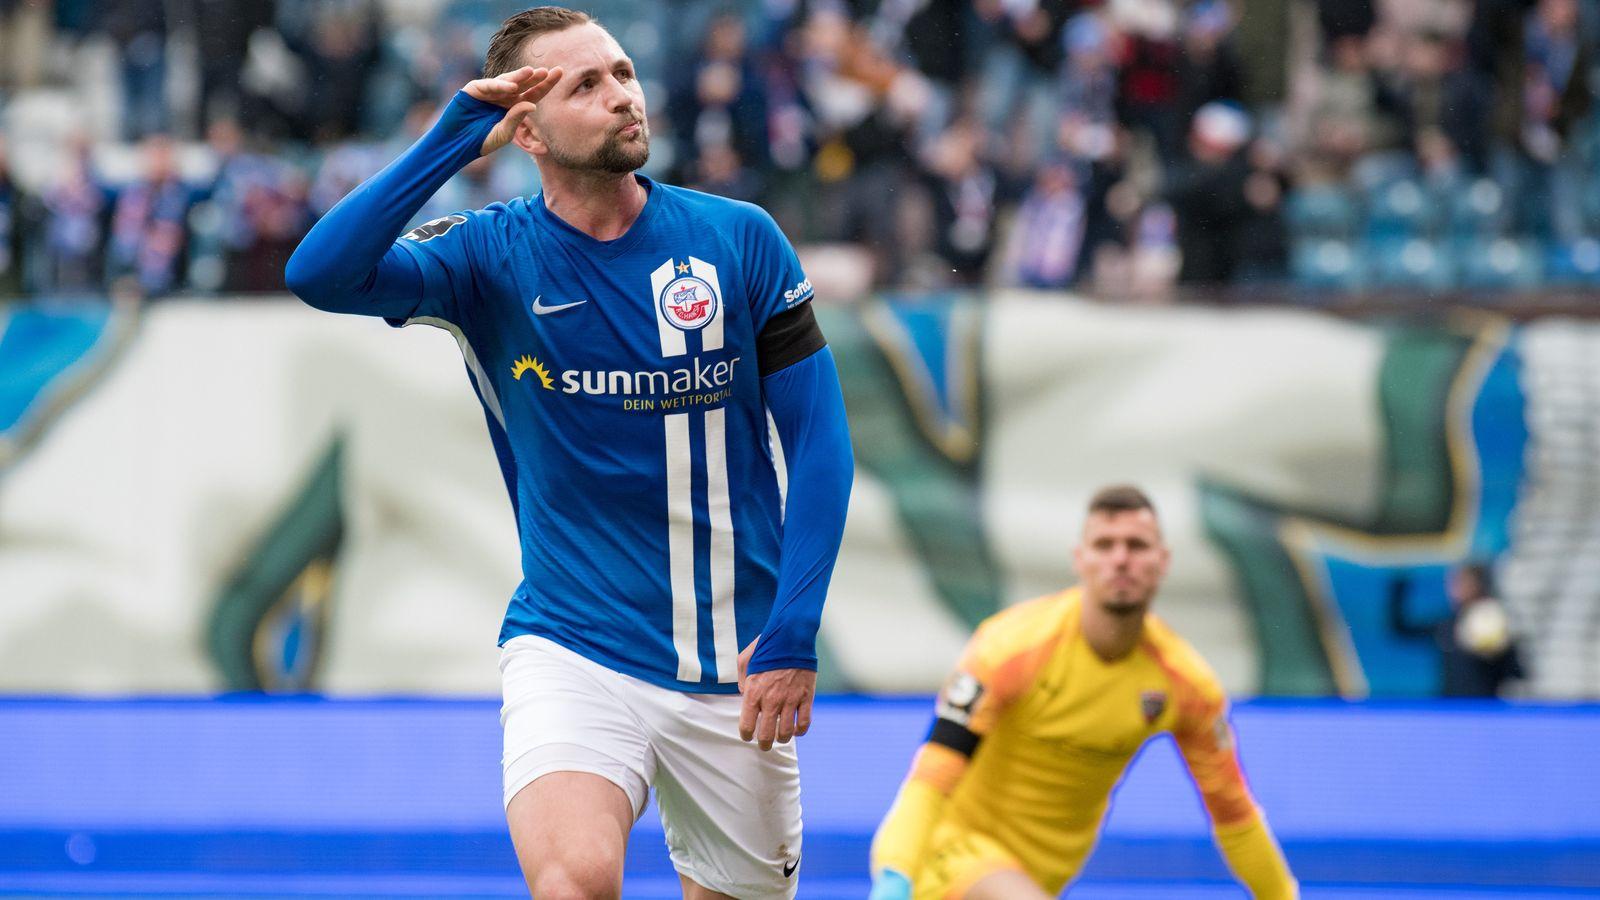 Ingolstadt kommt in Rostock mit 0:3 unter die Räder